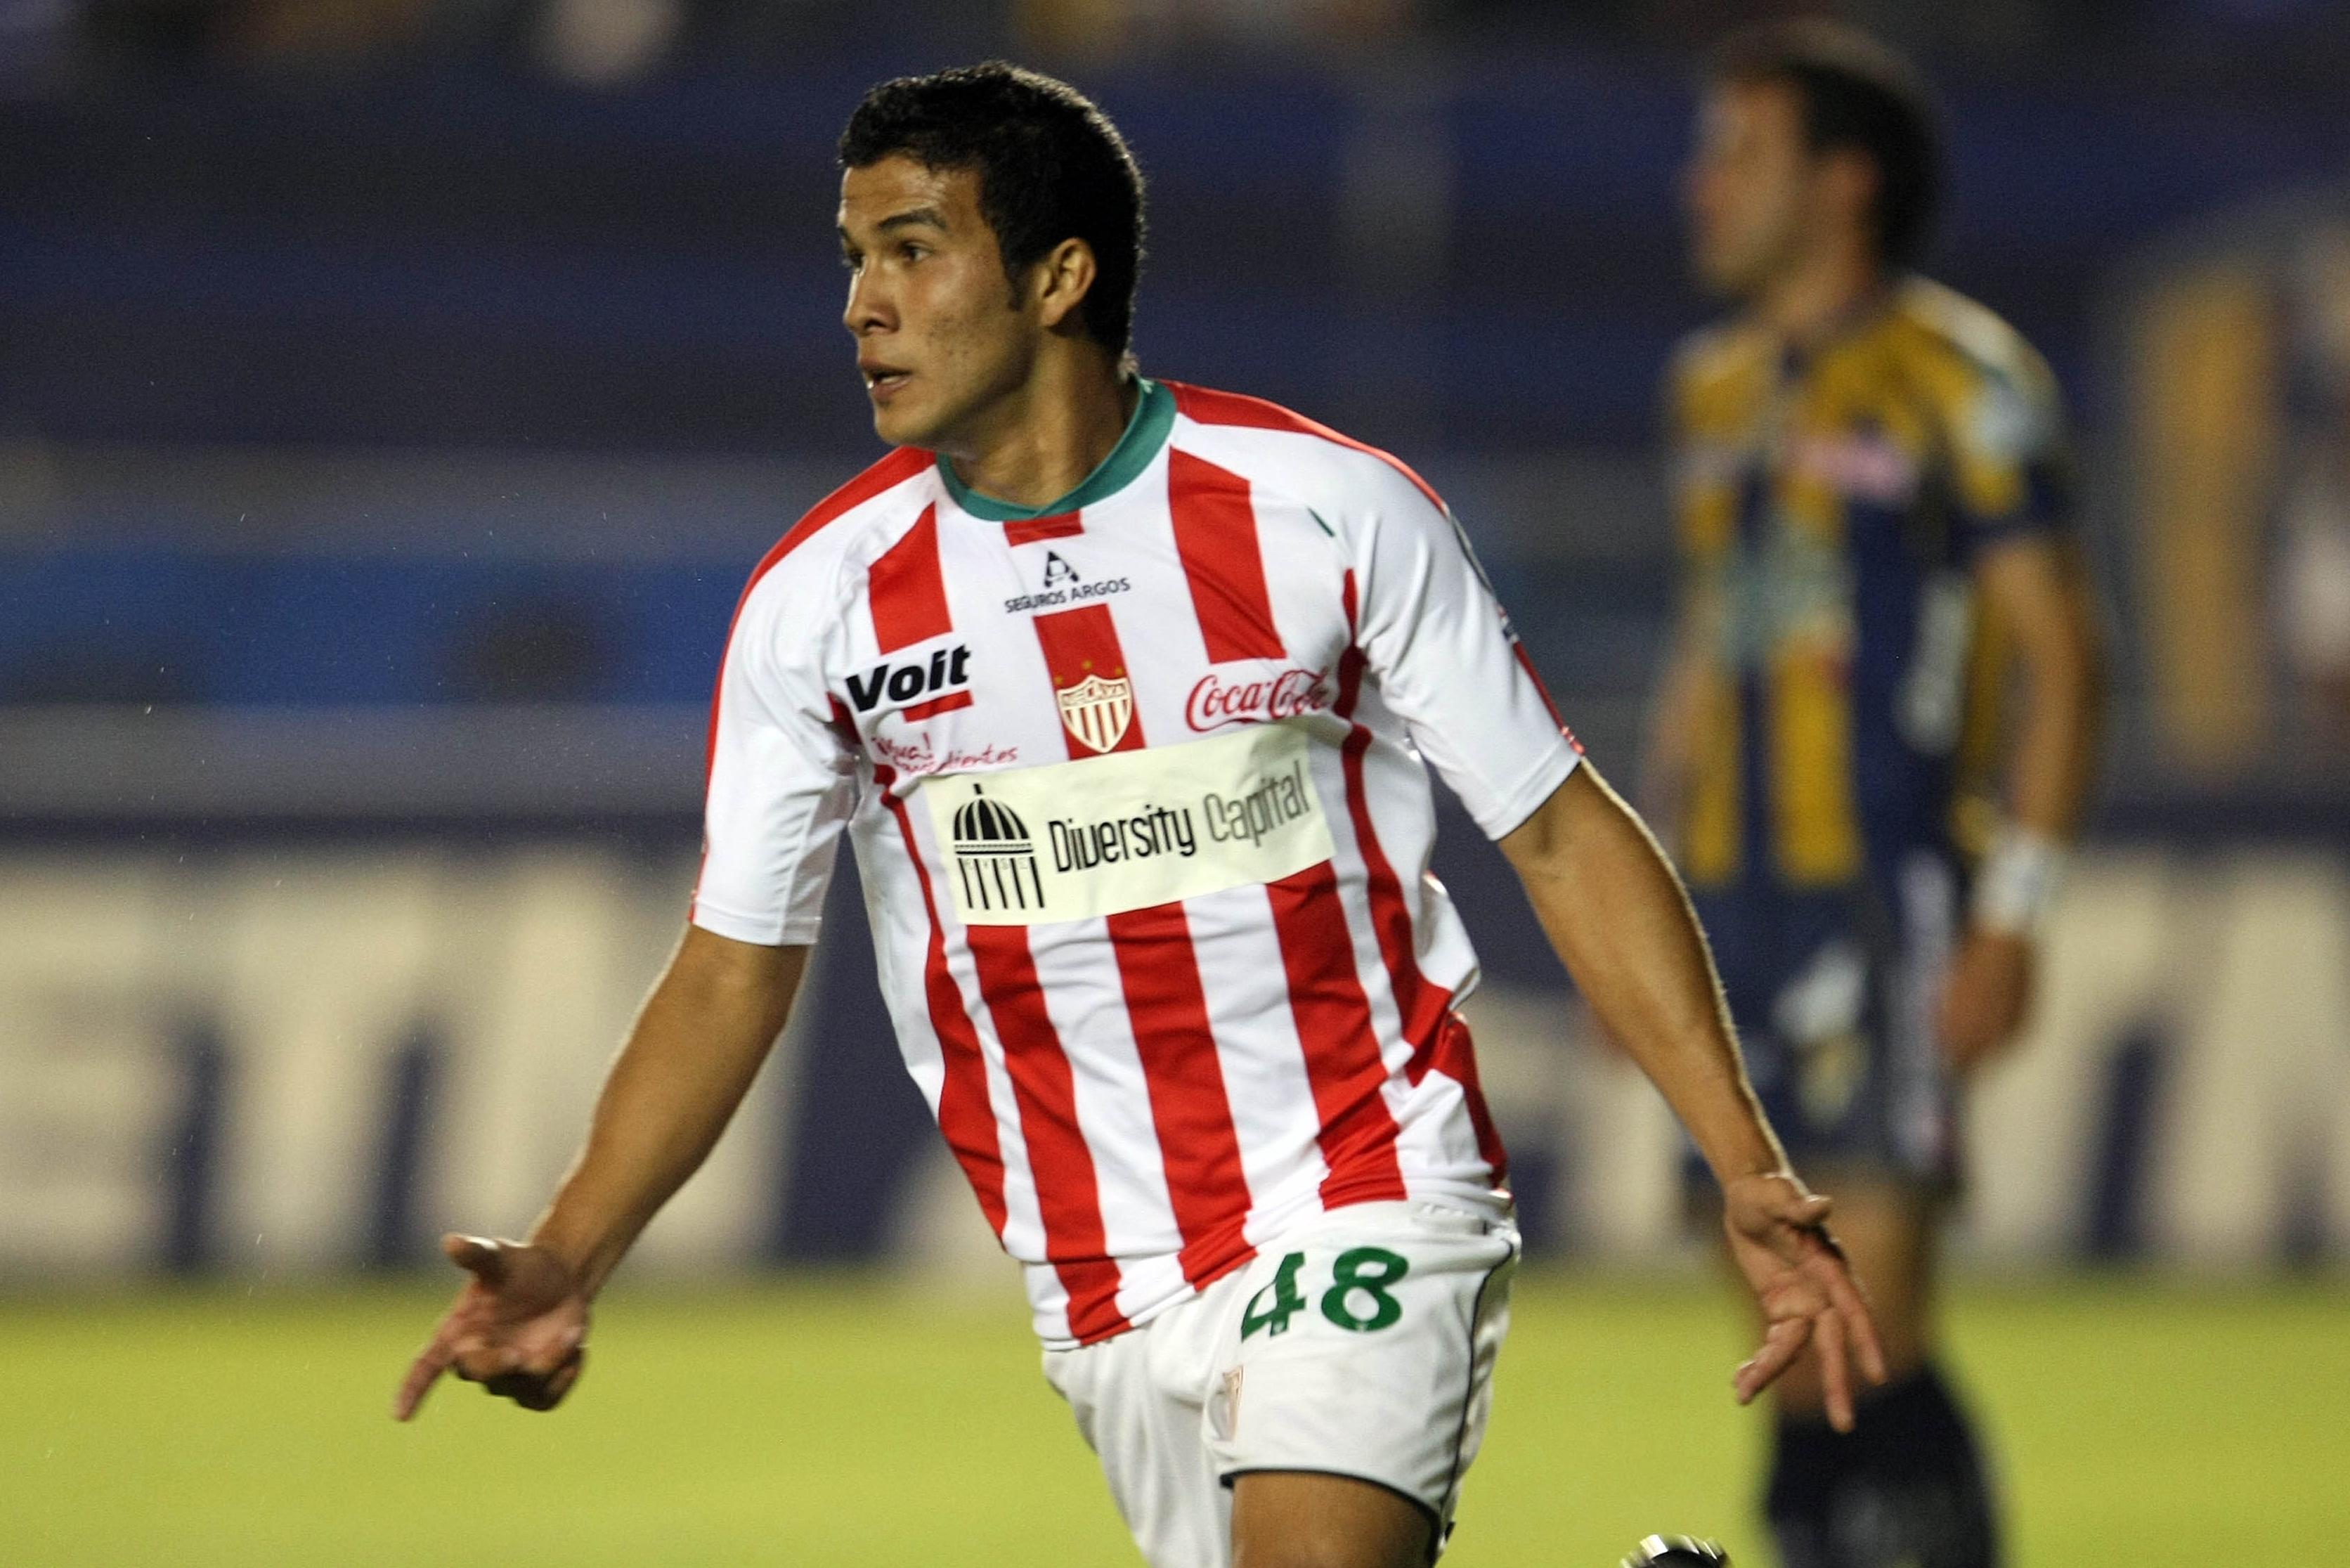 Ezequiel-Orozco-Necaxa-Futbol-Clausura-2009